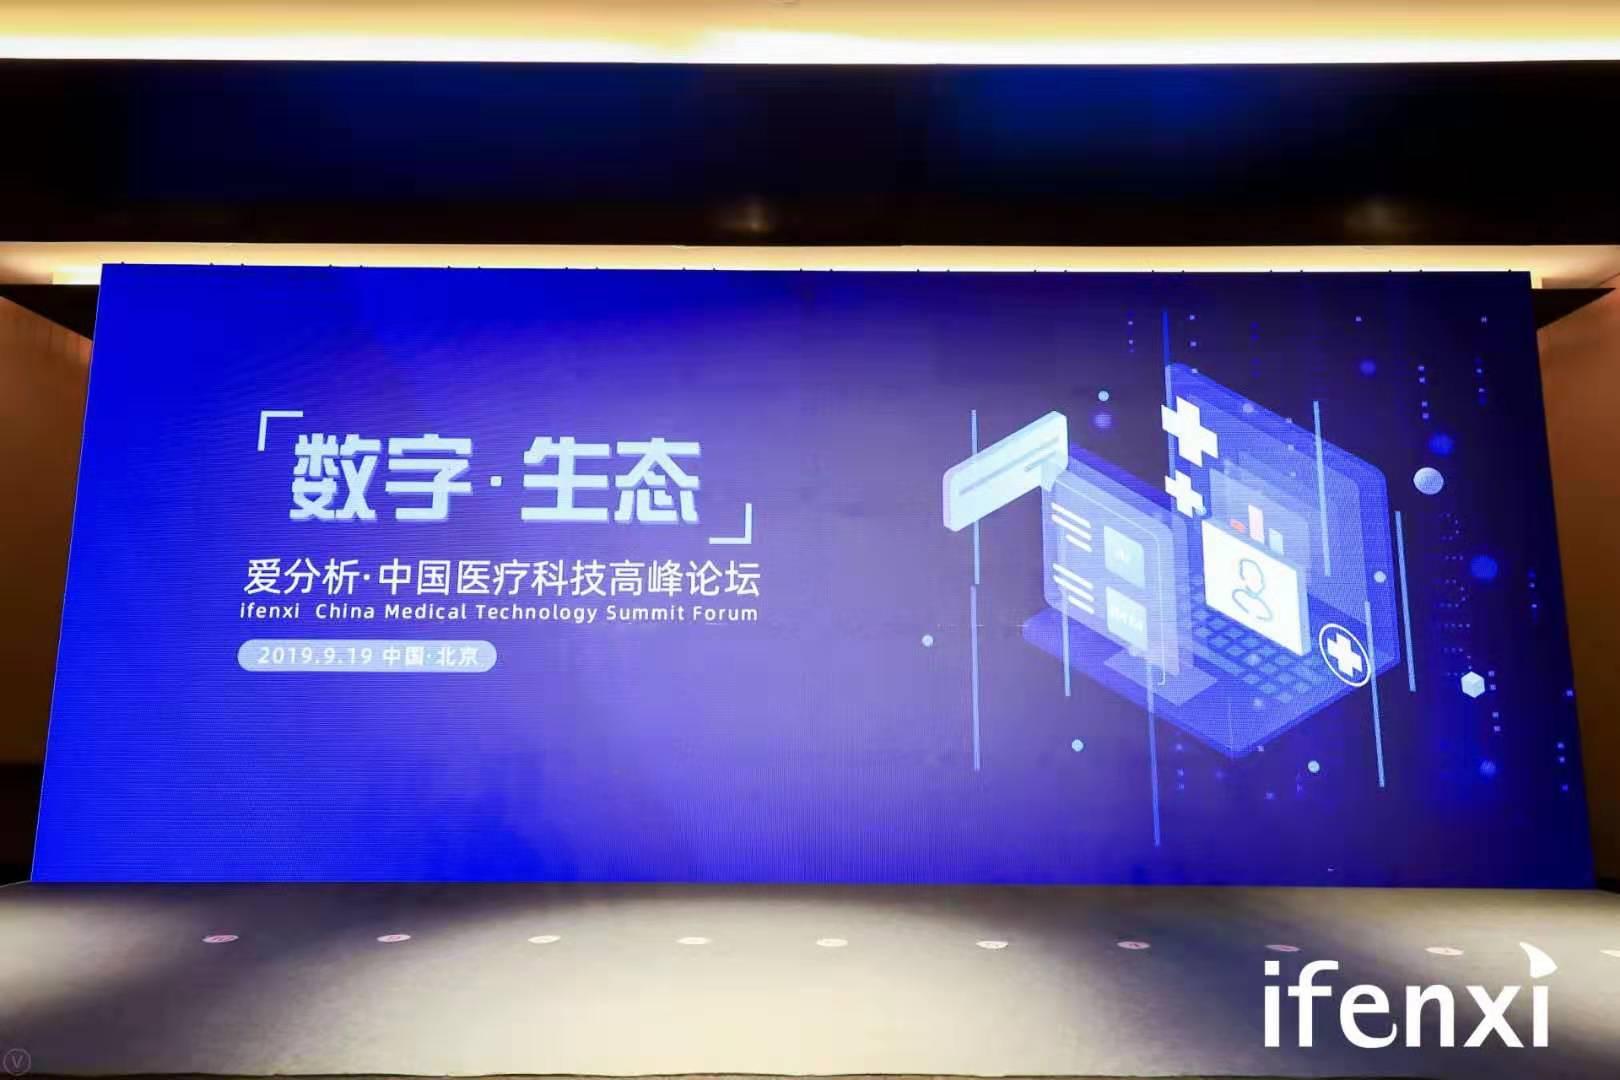 医疗科技高峰论坛在京举行,20位嘉宾共论医疗科技新机遇